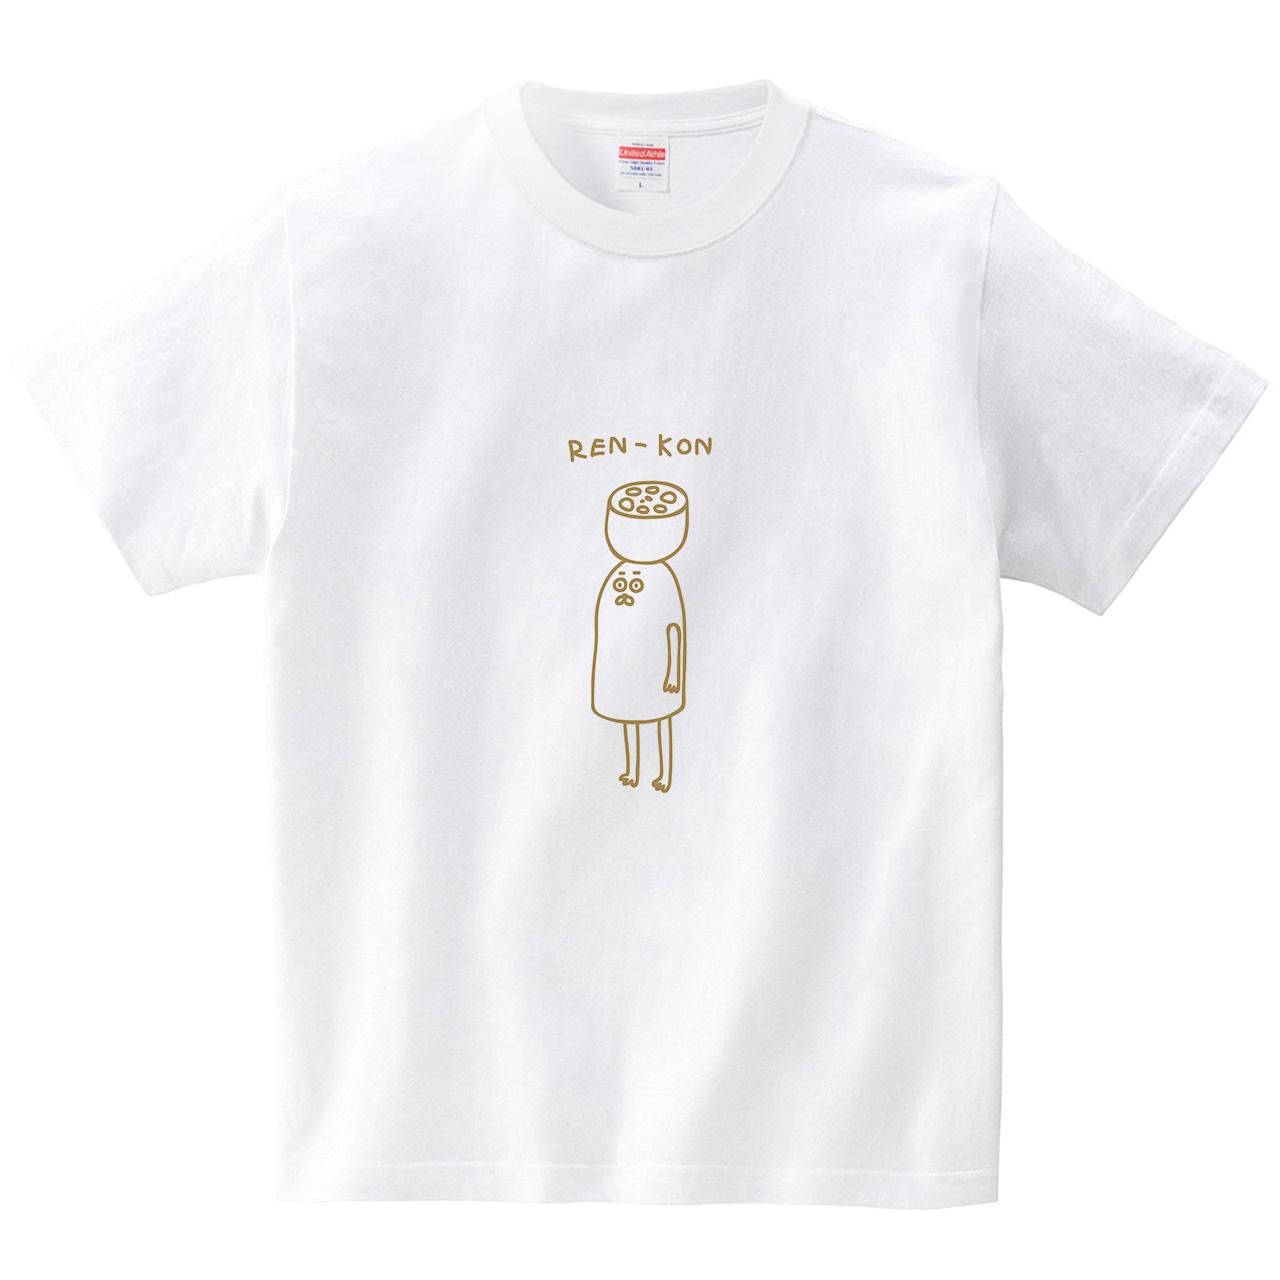 立ち上がるレンコン(Tシャツ・ホワイト)(オワリ)